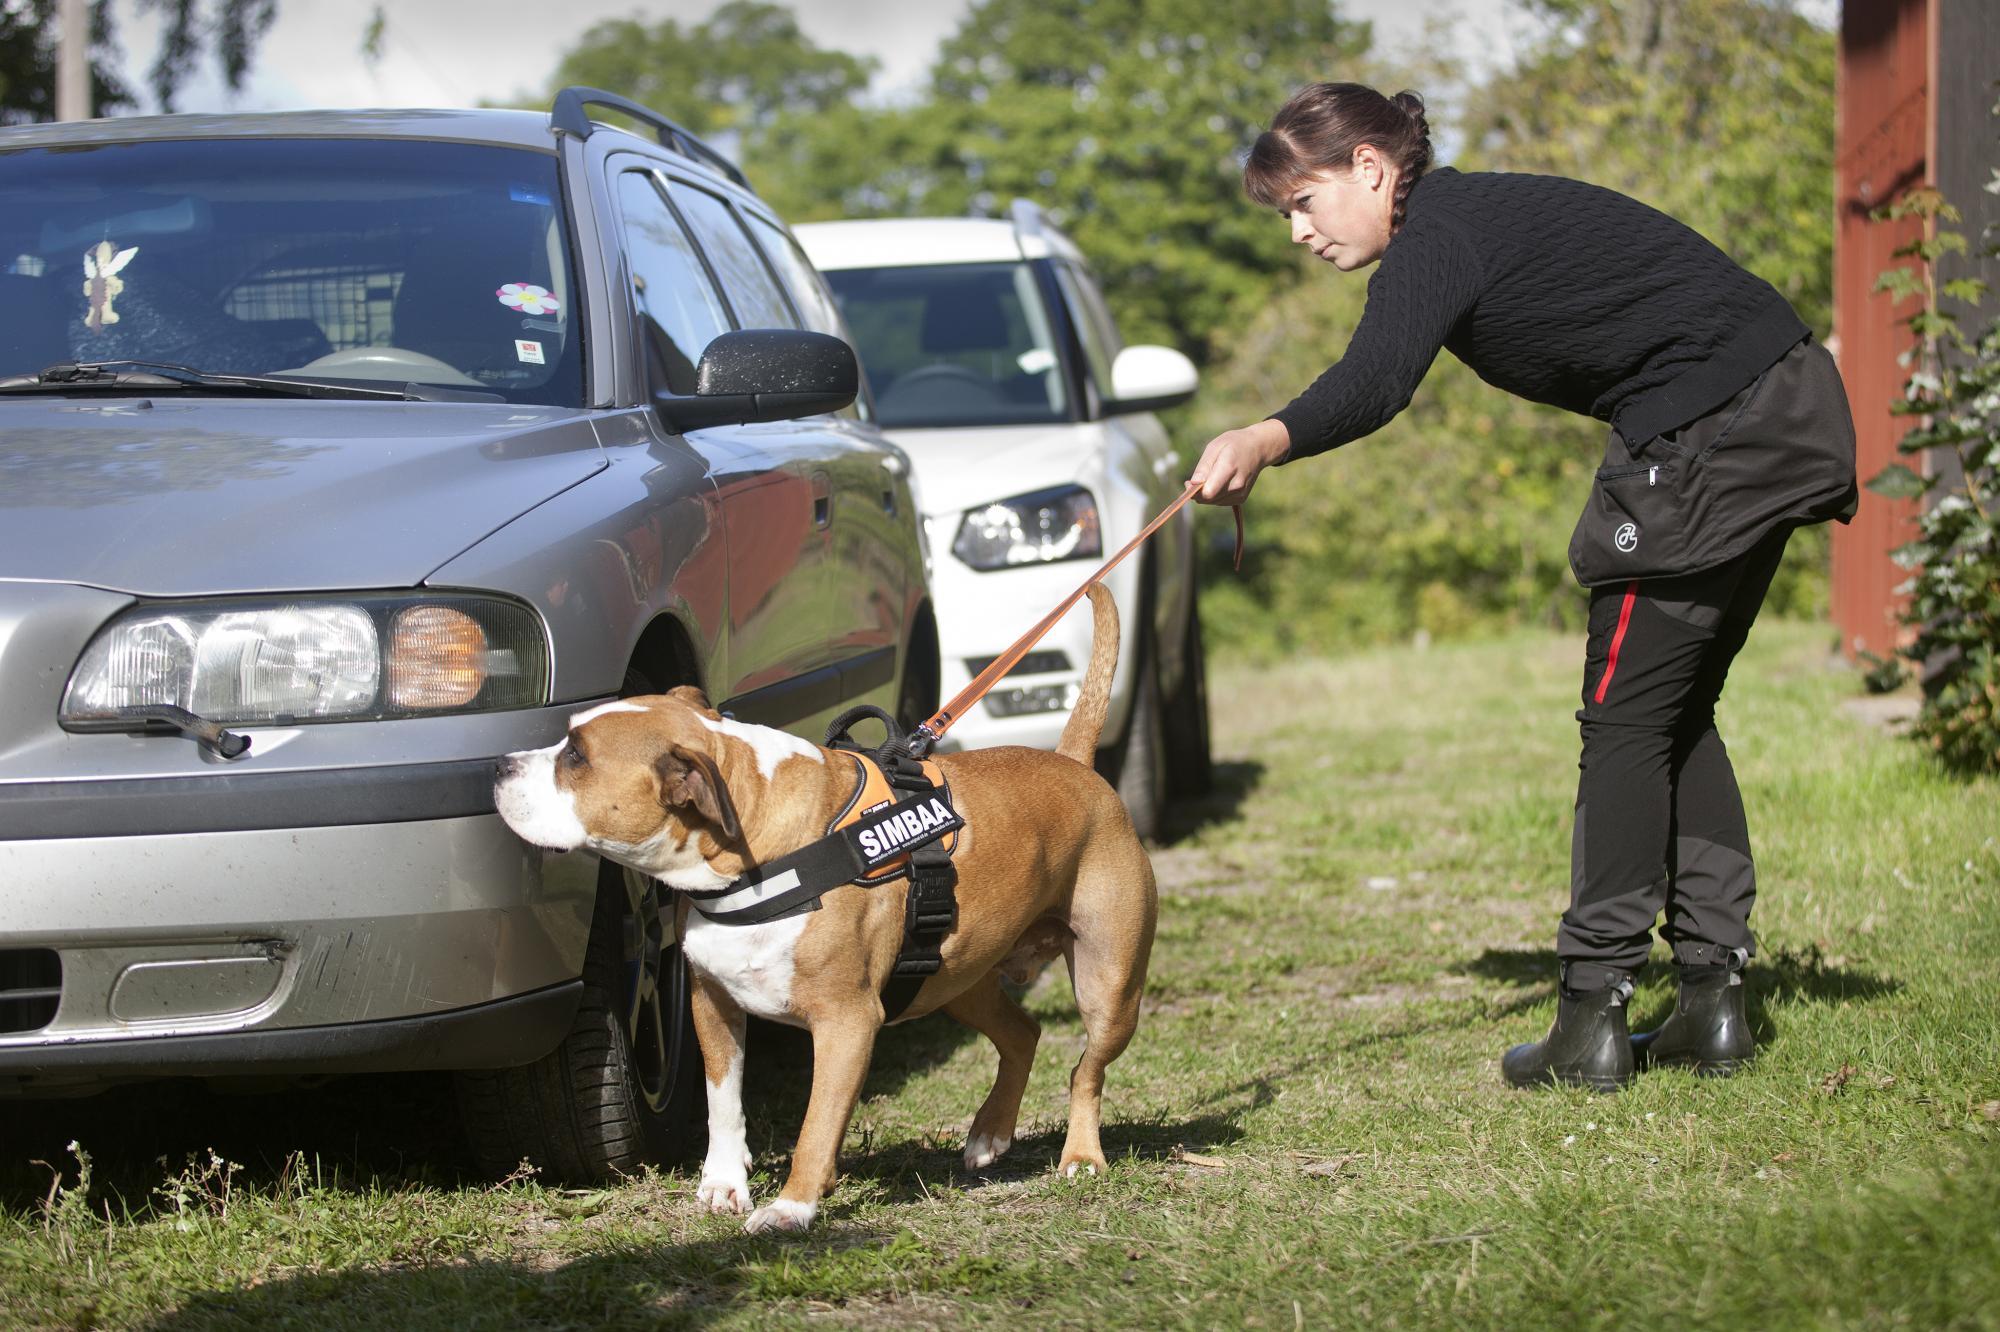 Efter att Nose Work blev en officiell sport har antalet utövare ökat.Person och hund på bilden är utövare av Nose Work, men har inget med själva artikeln att göra.